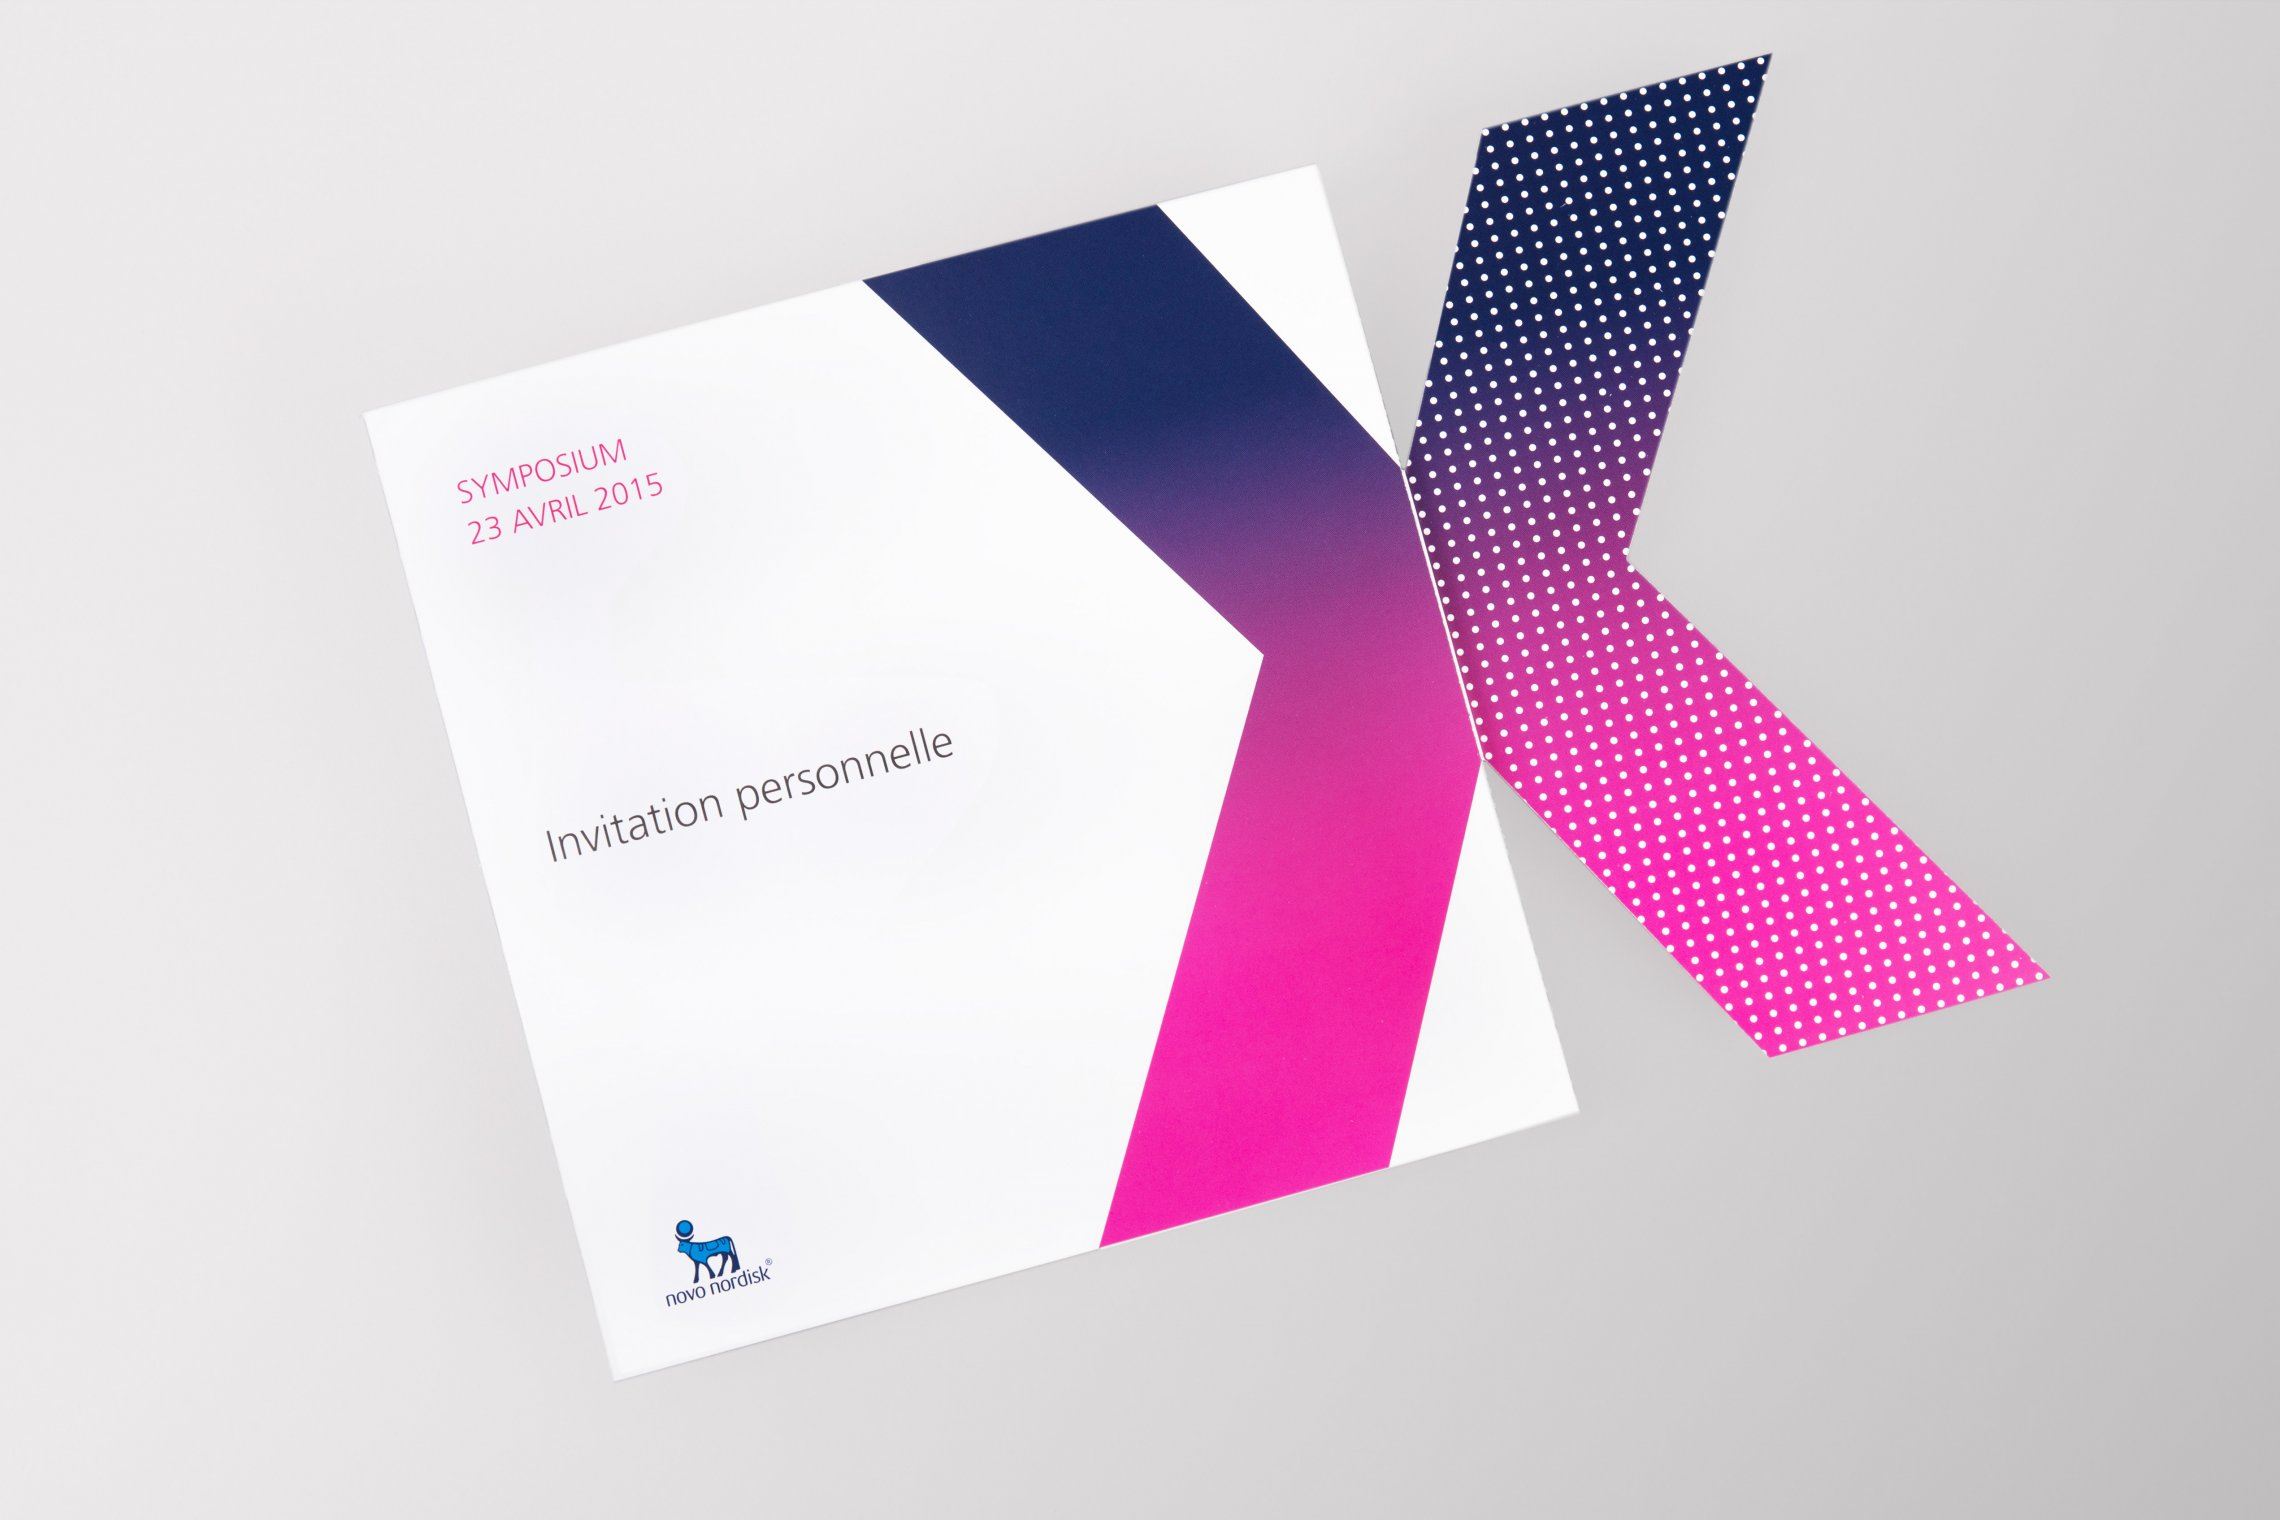 Einladung Xultophy Symposium